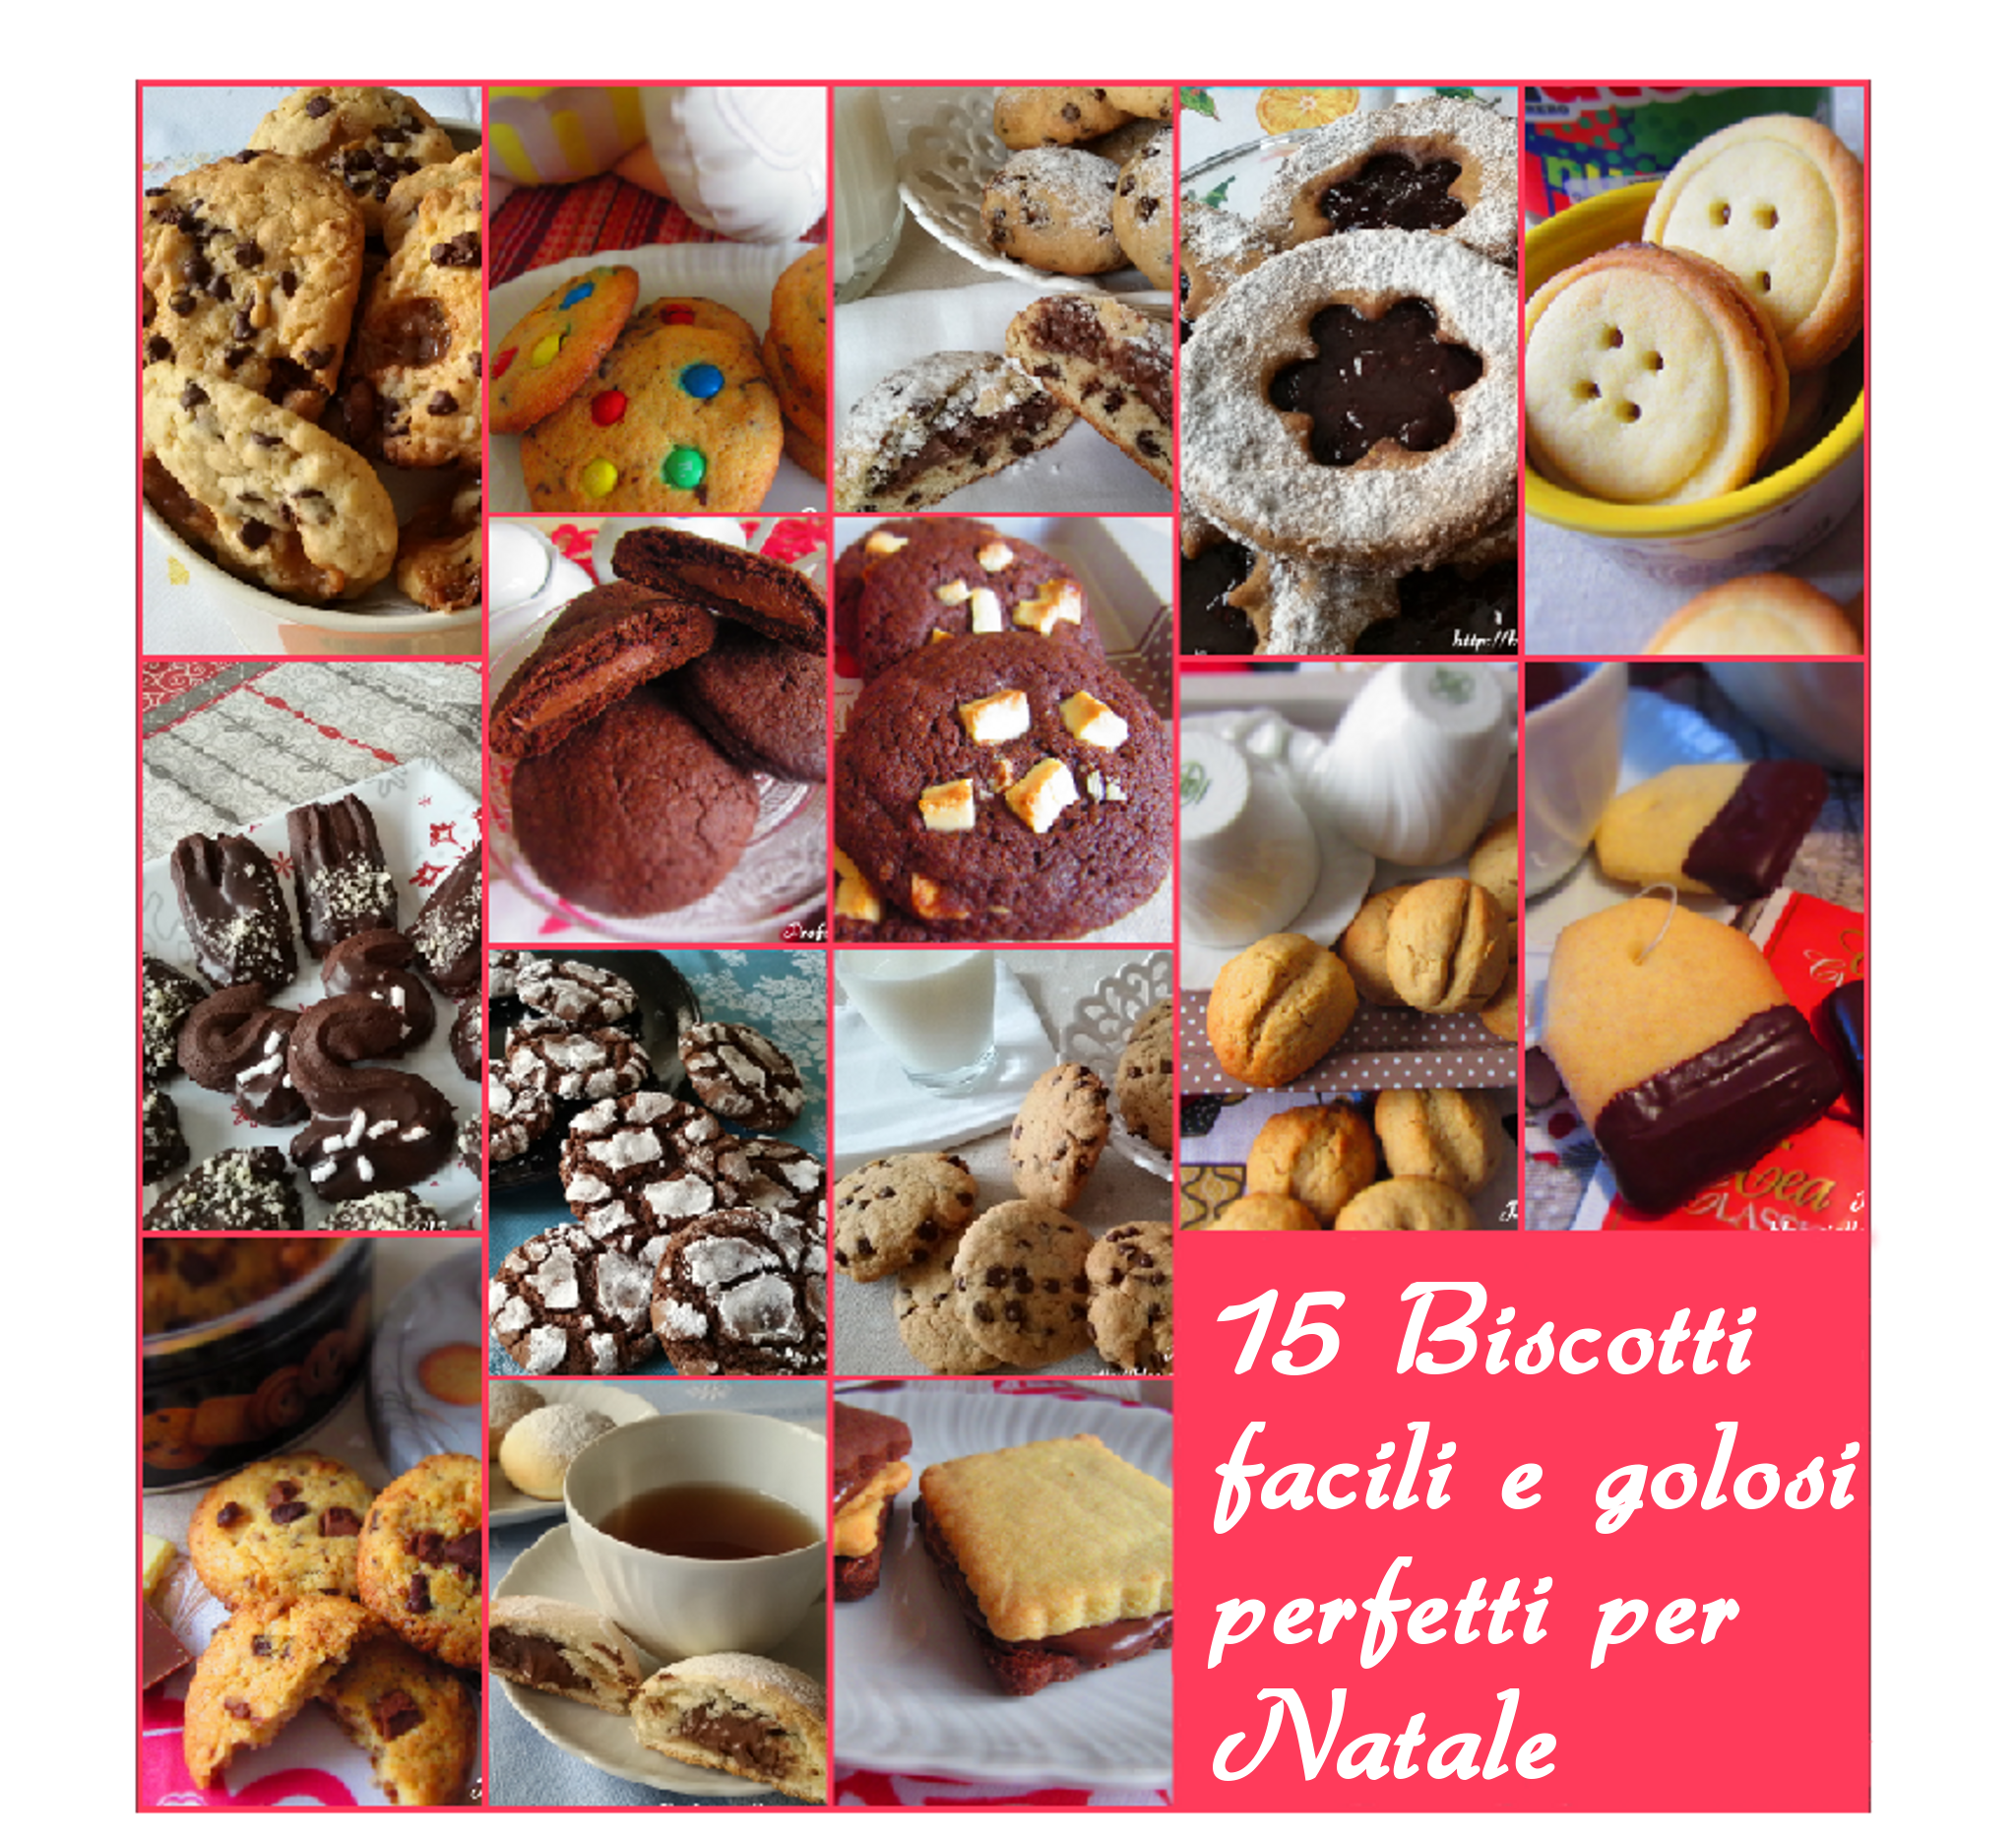 15 biscotti per natale